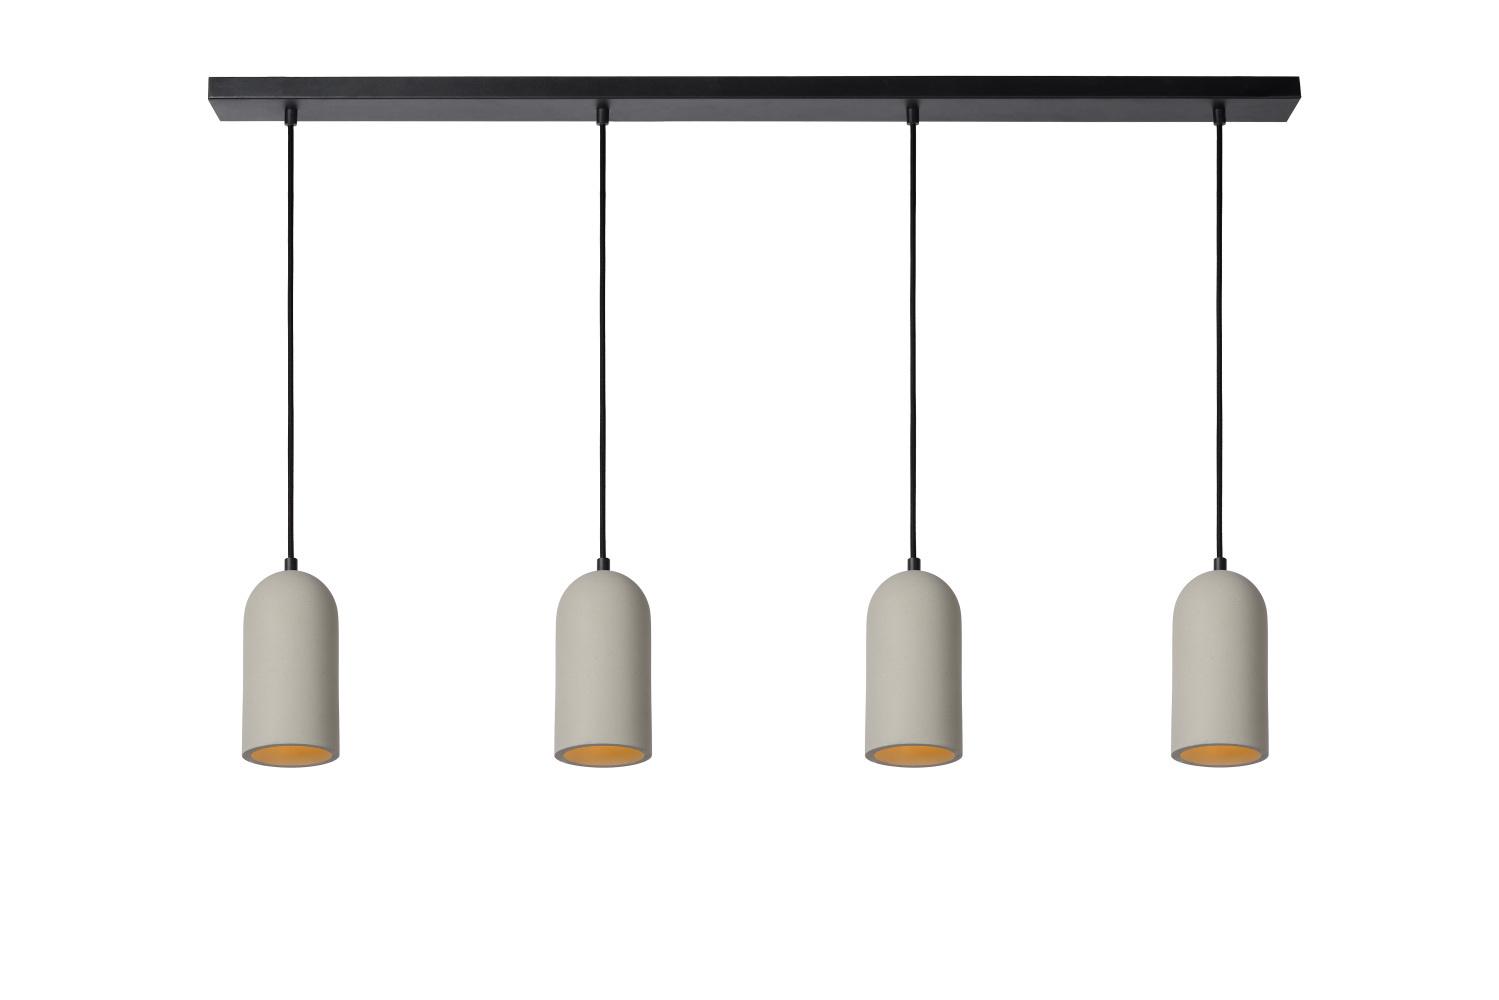 Lucide GIPSY Hanglamp 4x E27 Taupe Beton